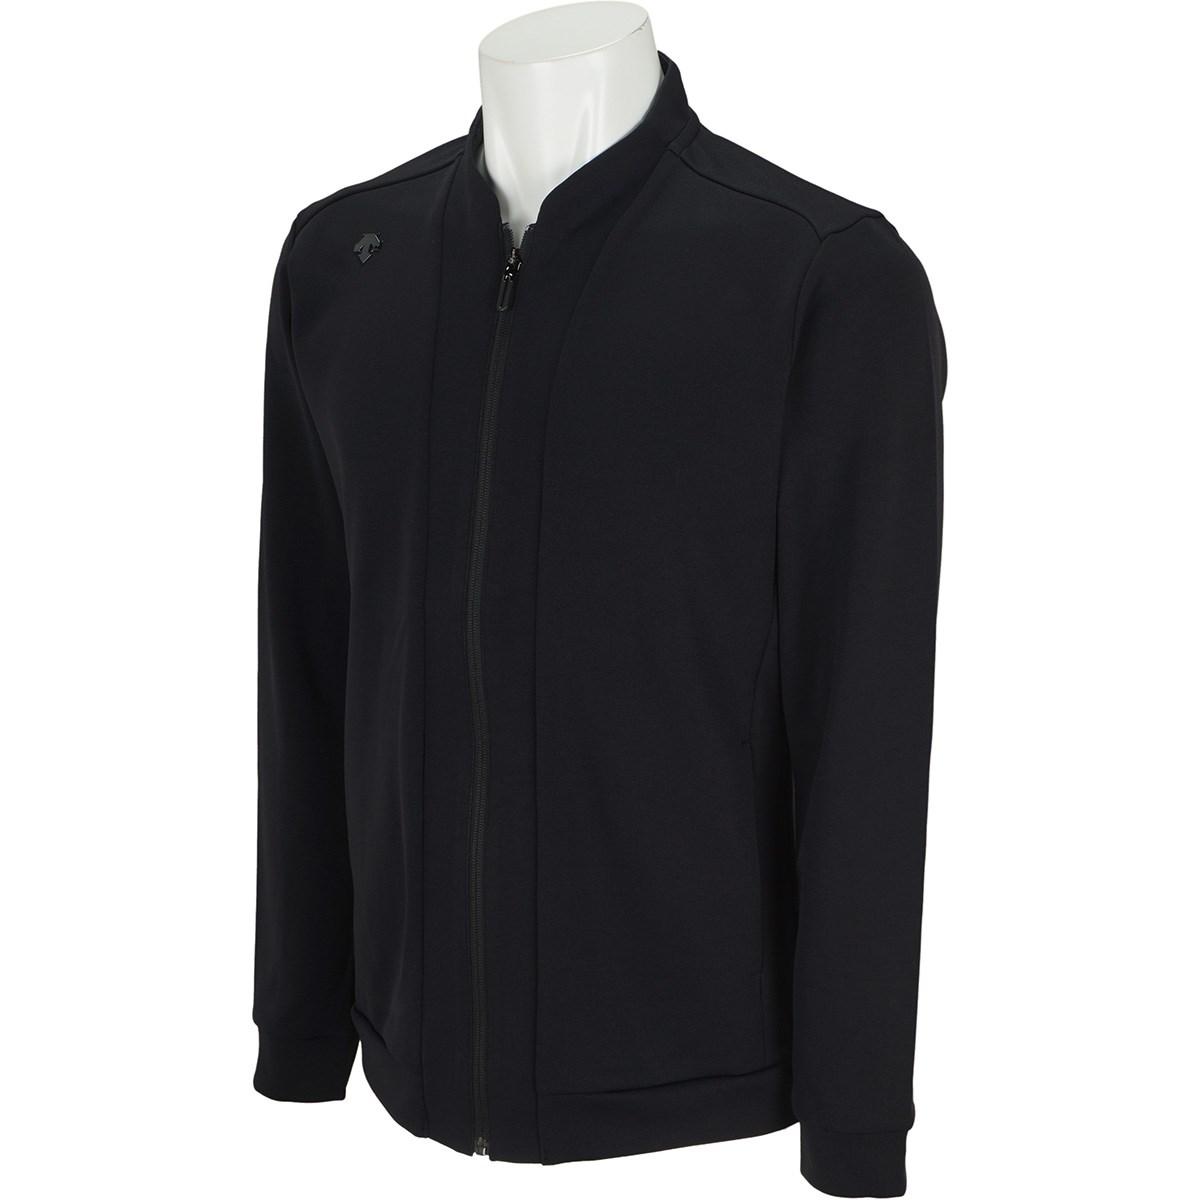 デサントゴルフ(DESCENTE GOLF) アクセンシャルゼブラ ジャージージャケット